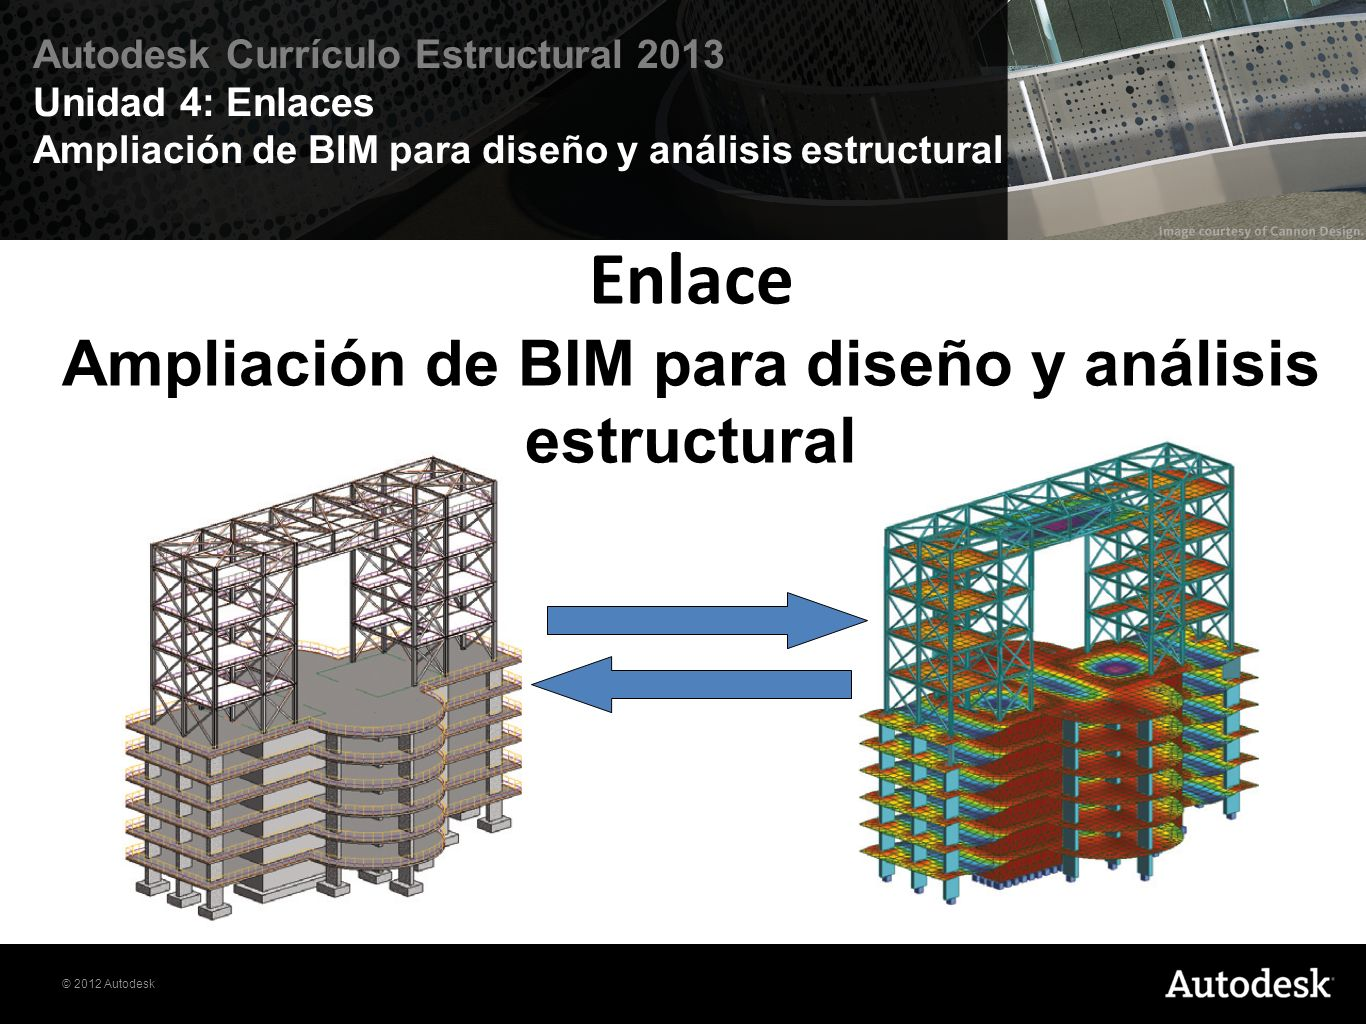 © 2012 Autodesk Autodesk Currículo Estructural 2013 Unidad 4: Enlaces Ampliación de BIM para diseño y análisis estructural Ejercicio 4.3: El análisis estático de las losas